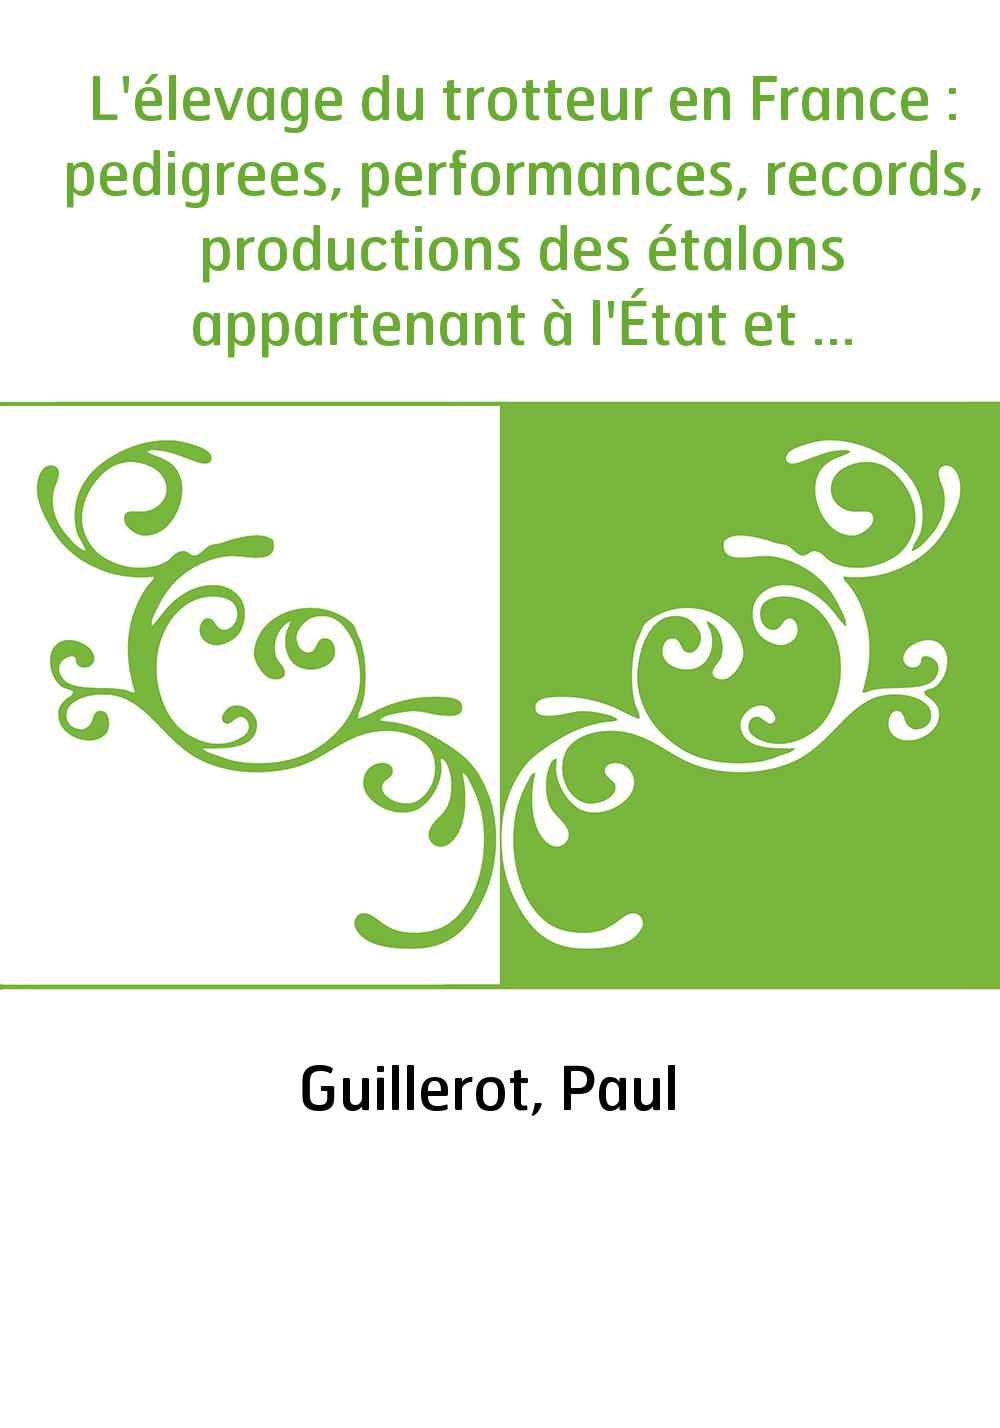 L'élevage du trotteur en France : pedigrees, performances, records, productions des étalons appartenant à l'État et aux particul